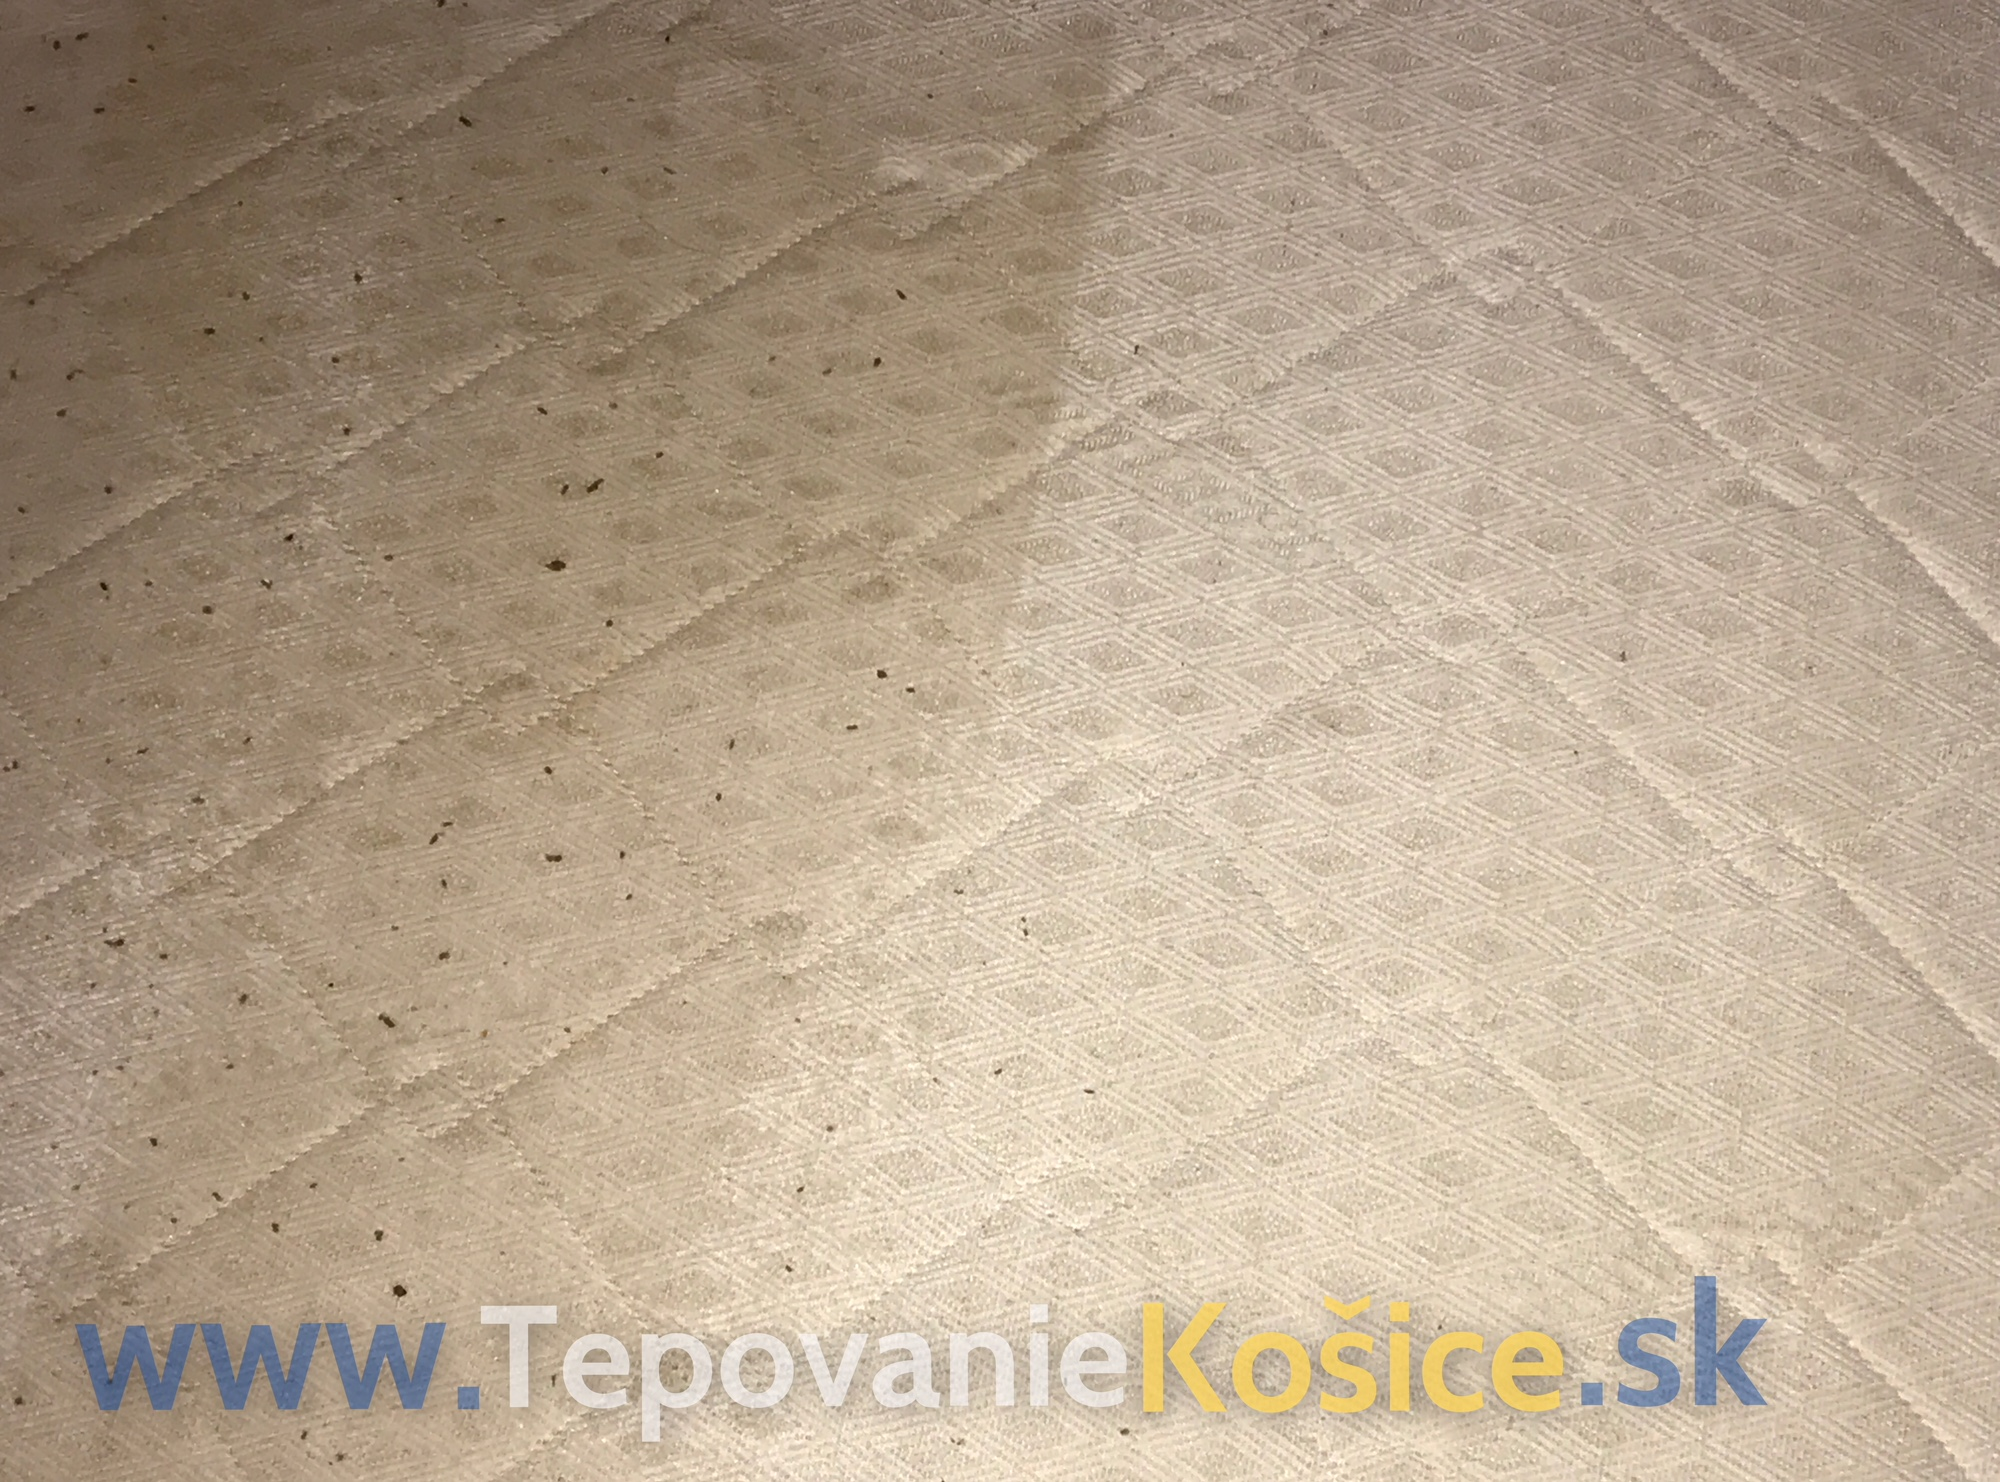 8ecc8ede3 Fotogaléria - Tepovanie a čistenie matracov, kobercov, sedačiek ...